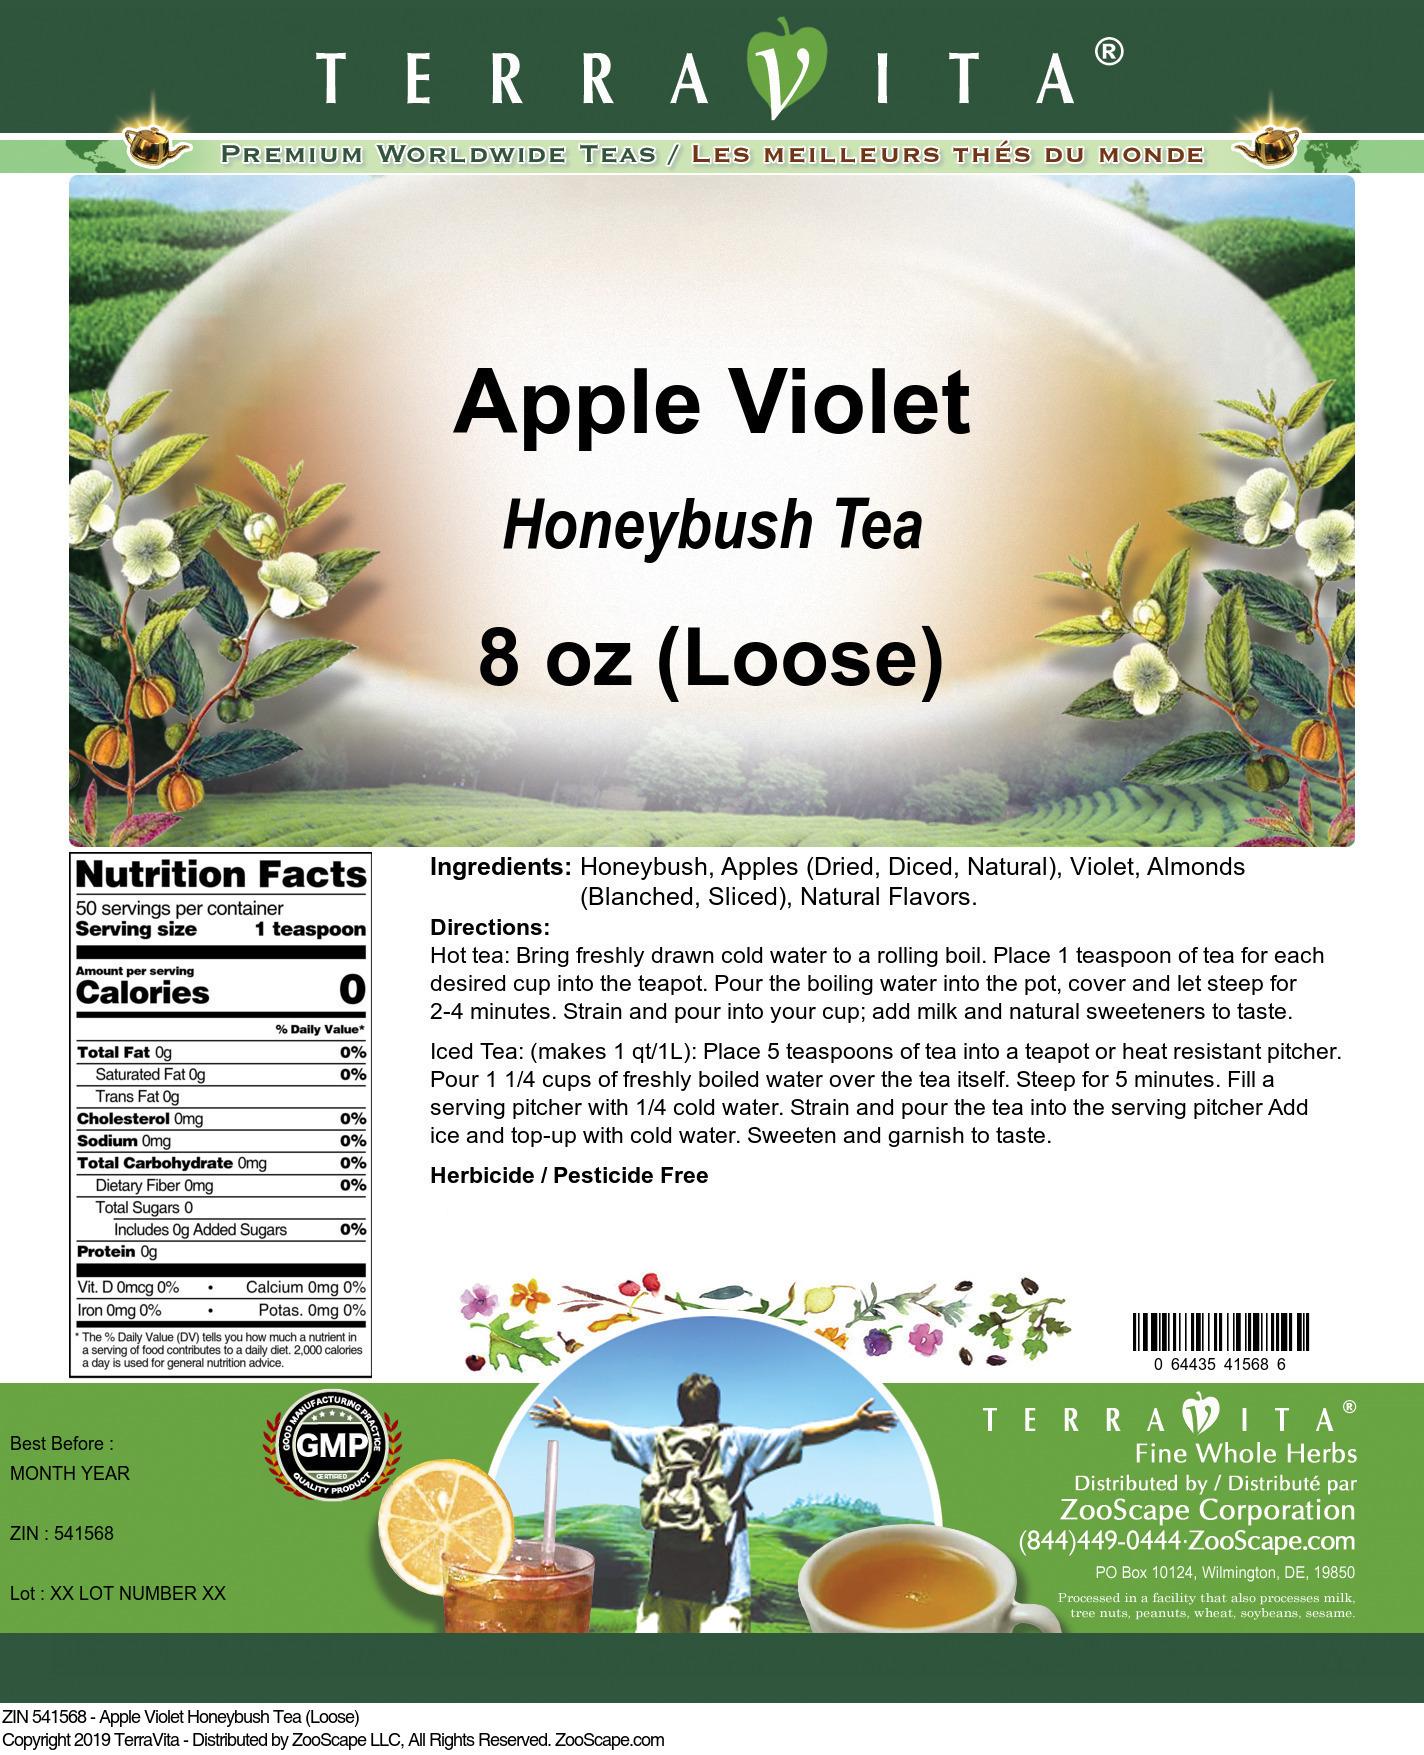 Apple Violet Honeybush Tea (Loose)